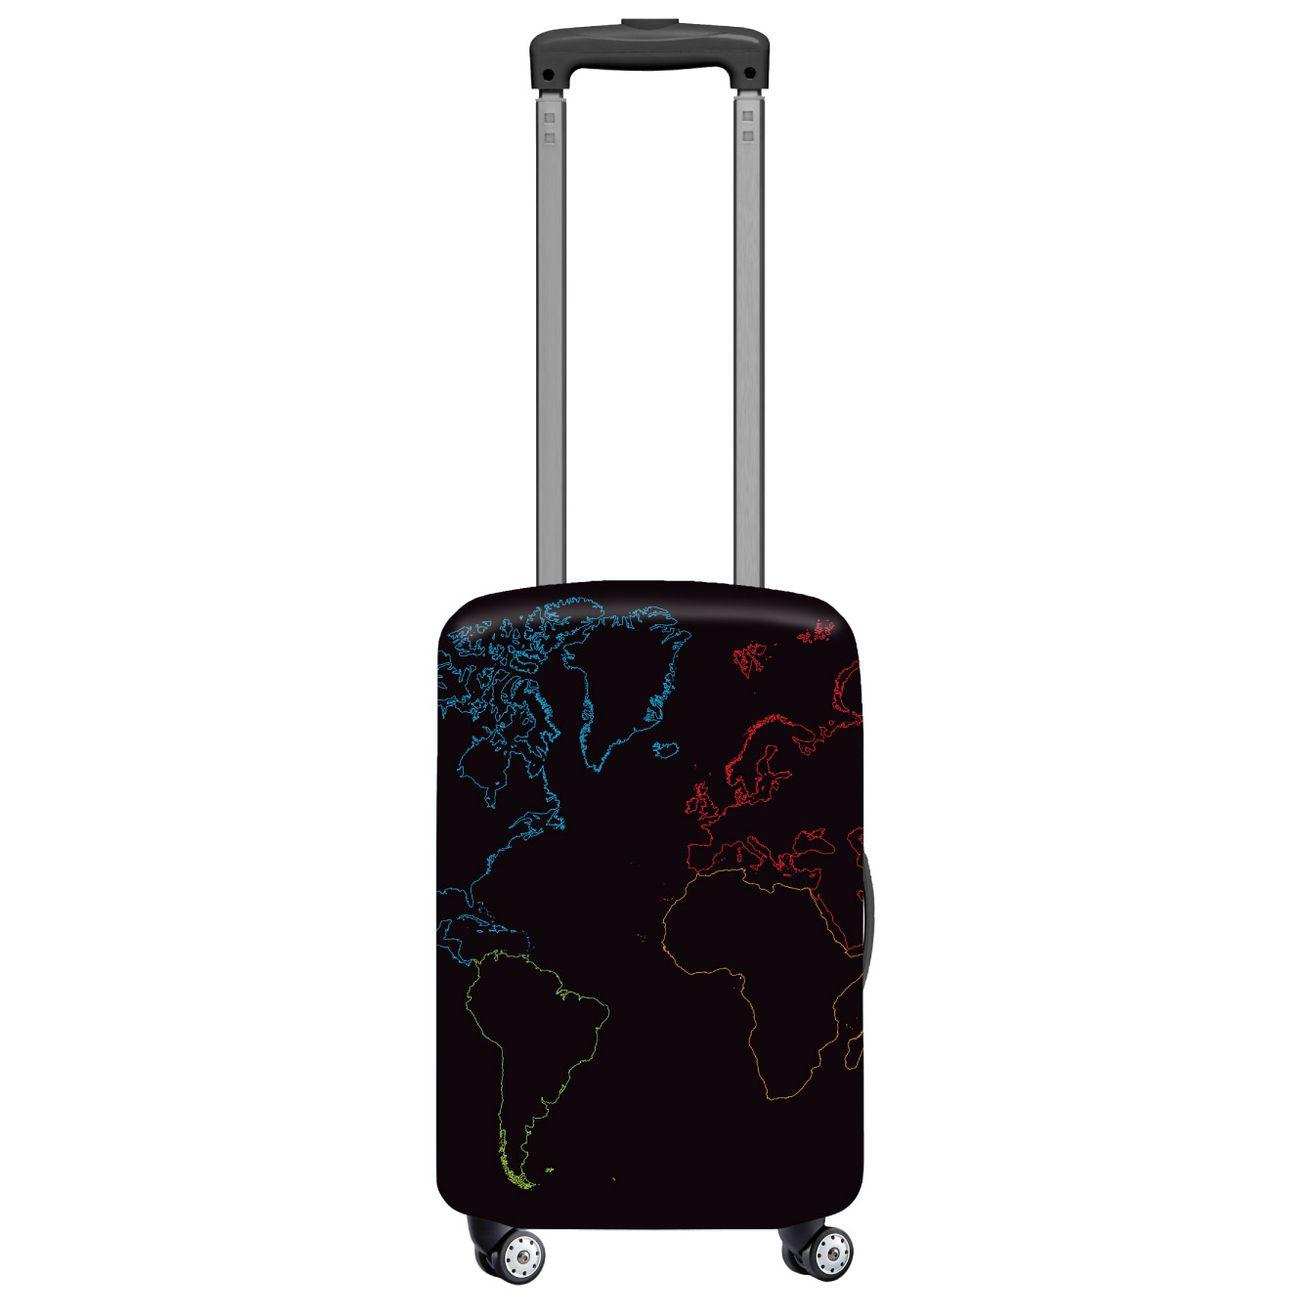 Map, L /élastique Housse de valise valise coque housse de valise bagages couverture protection de valise housse de bagage Luggage Cover